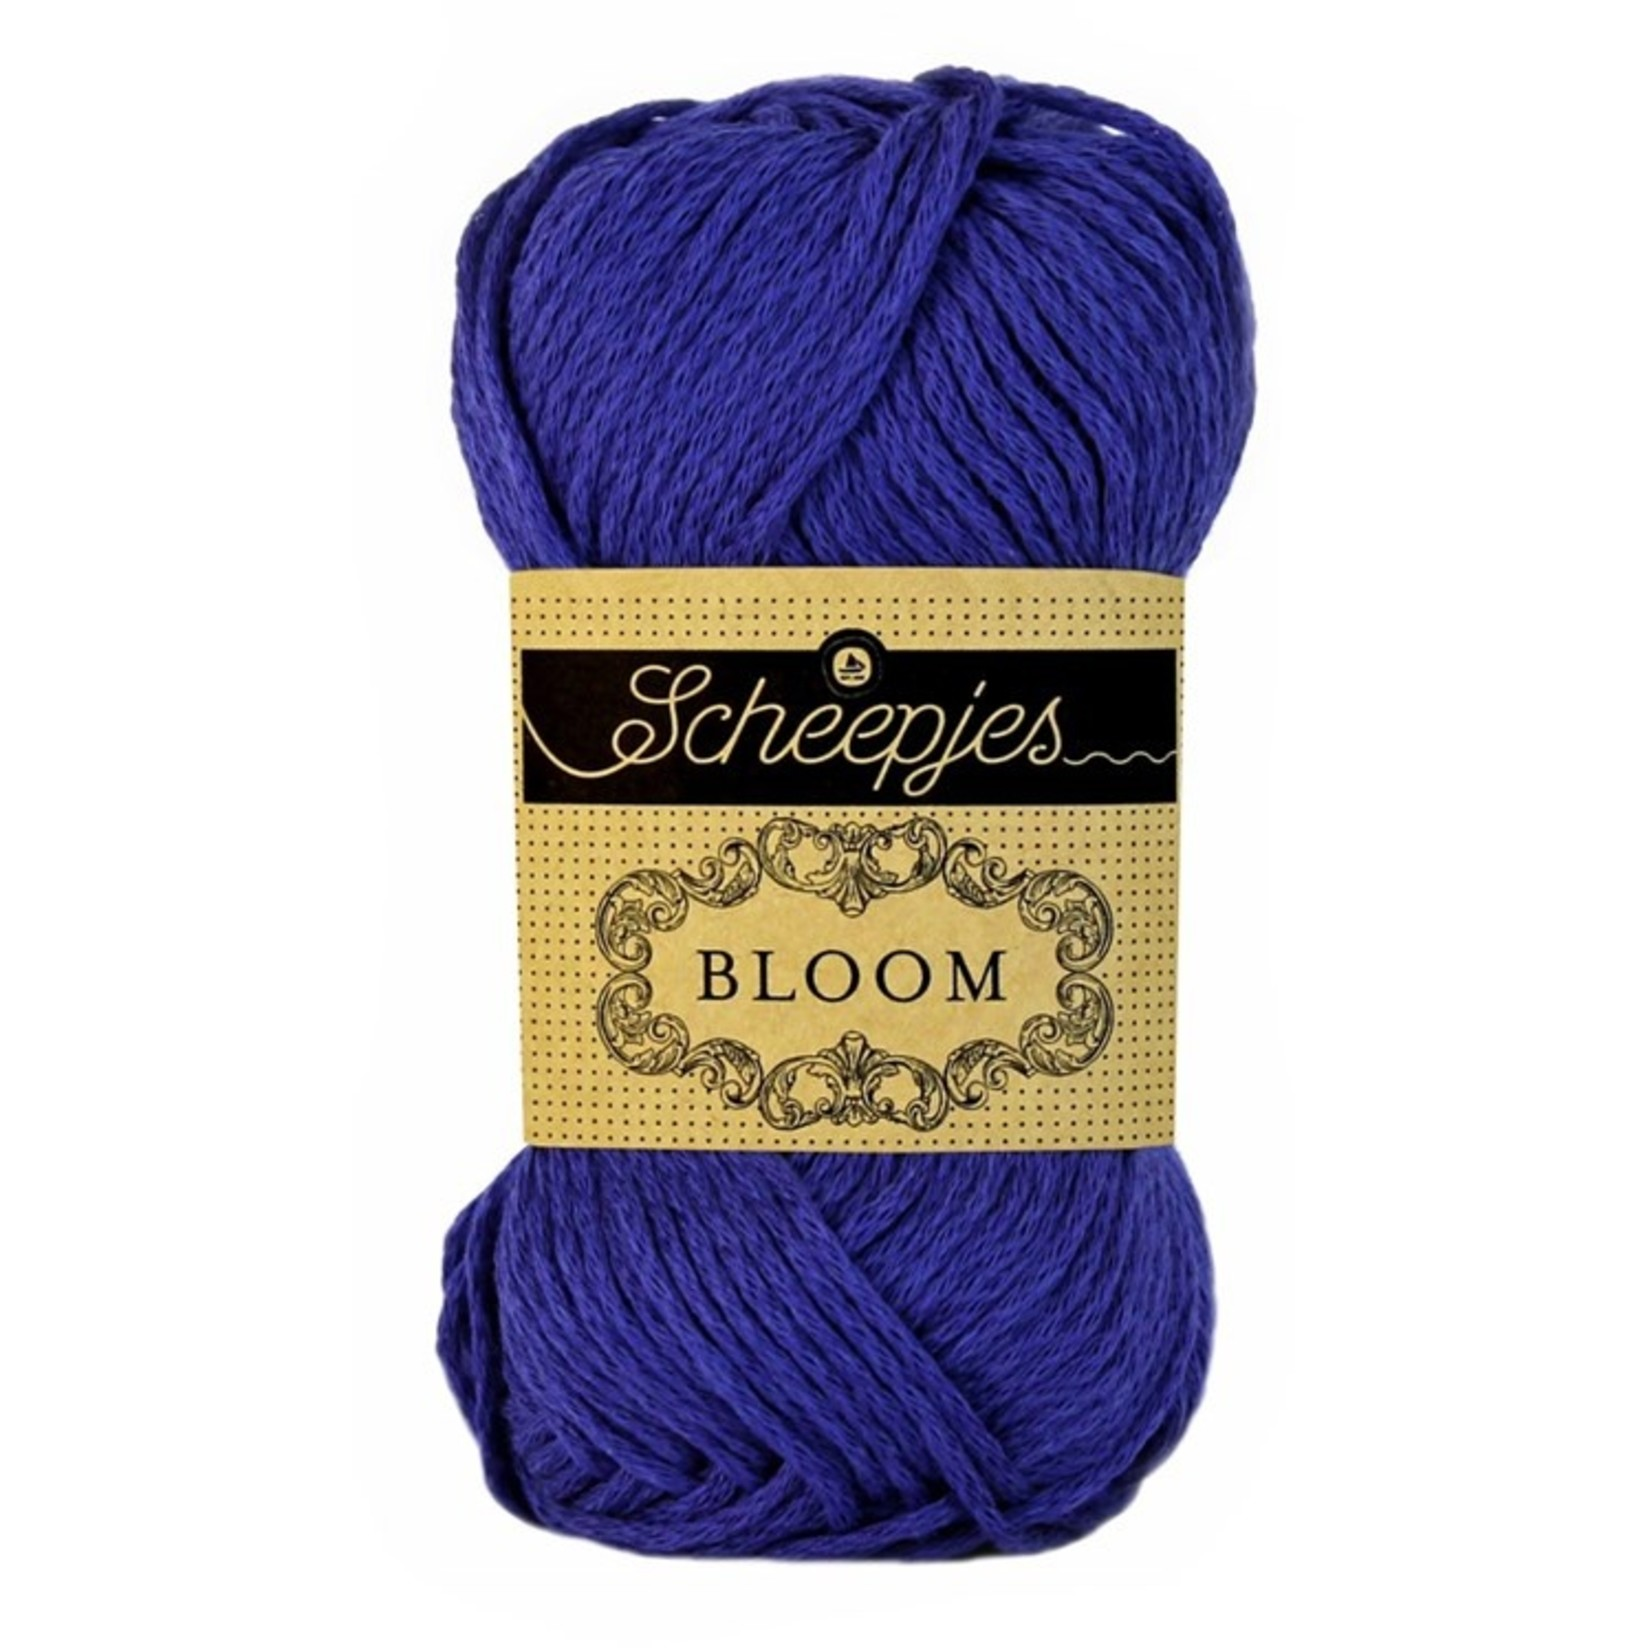 Scheepjes Scheepjes Bloom Kleur 402 French Lavender 1 bol = 50 gr. = 80 m.